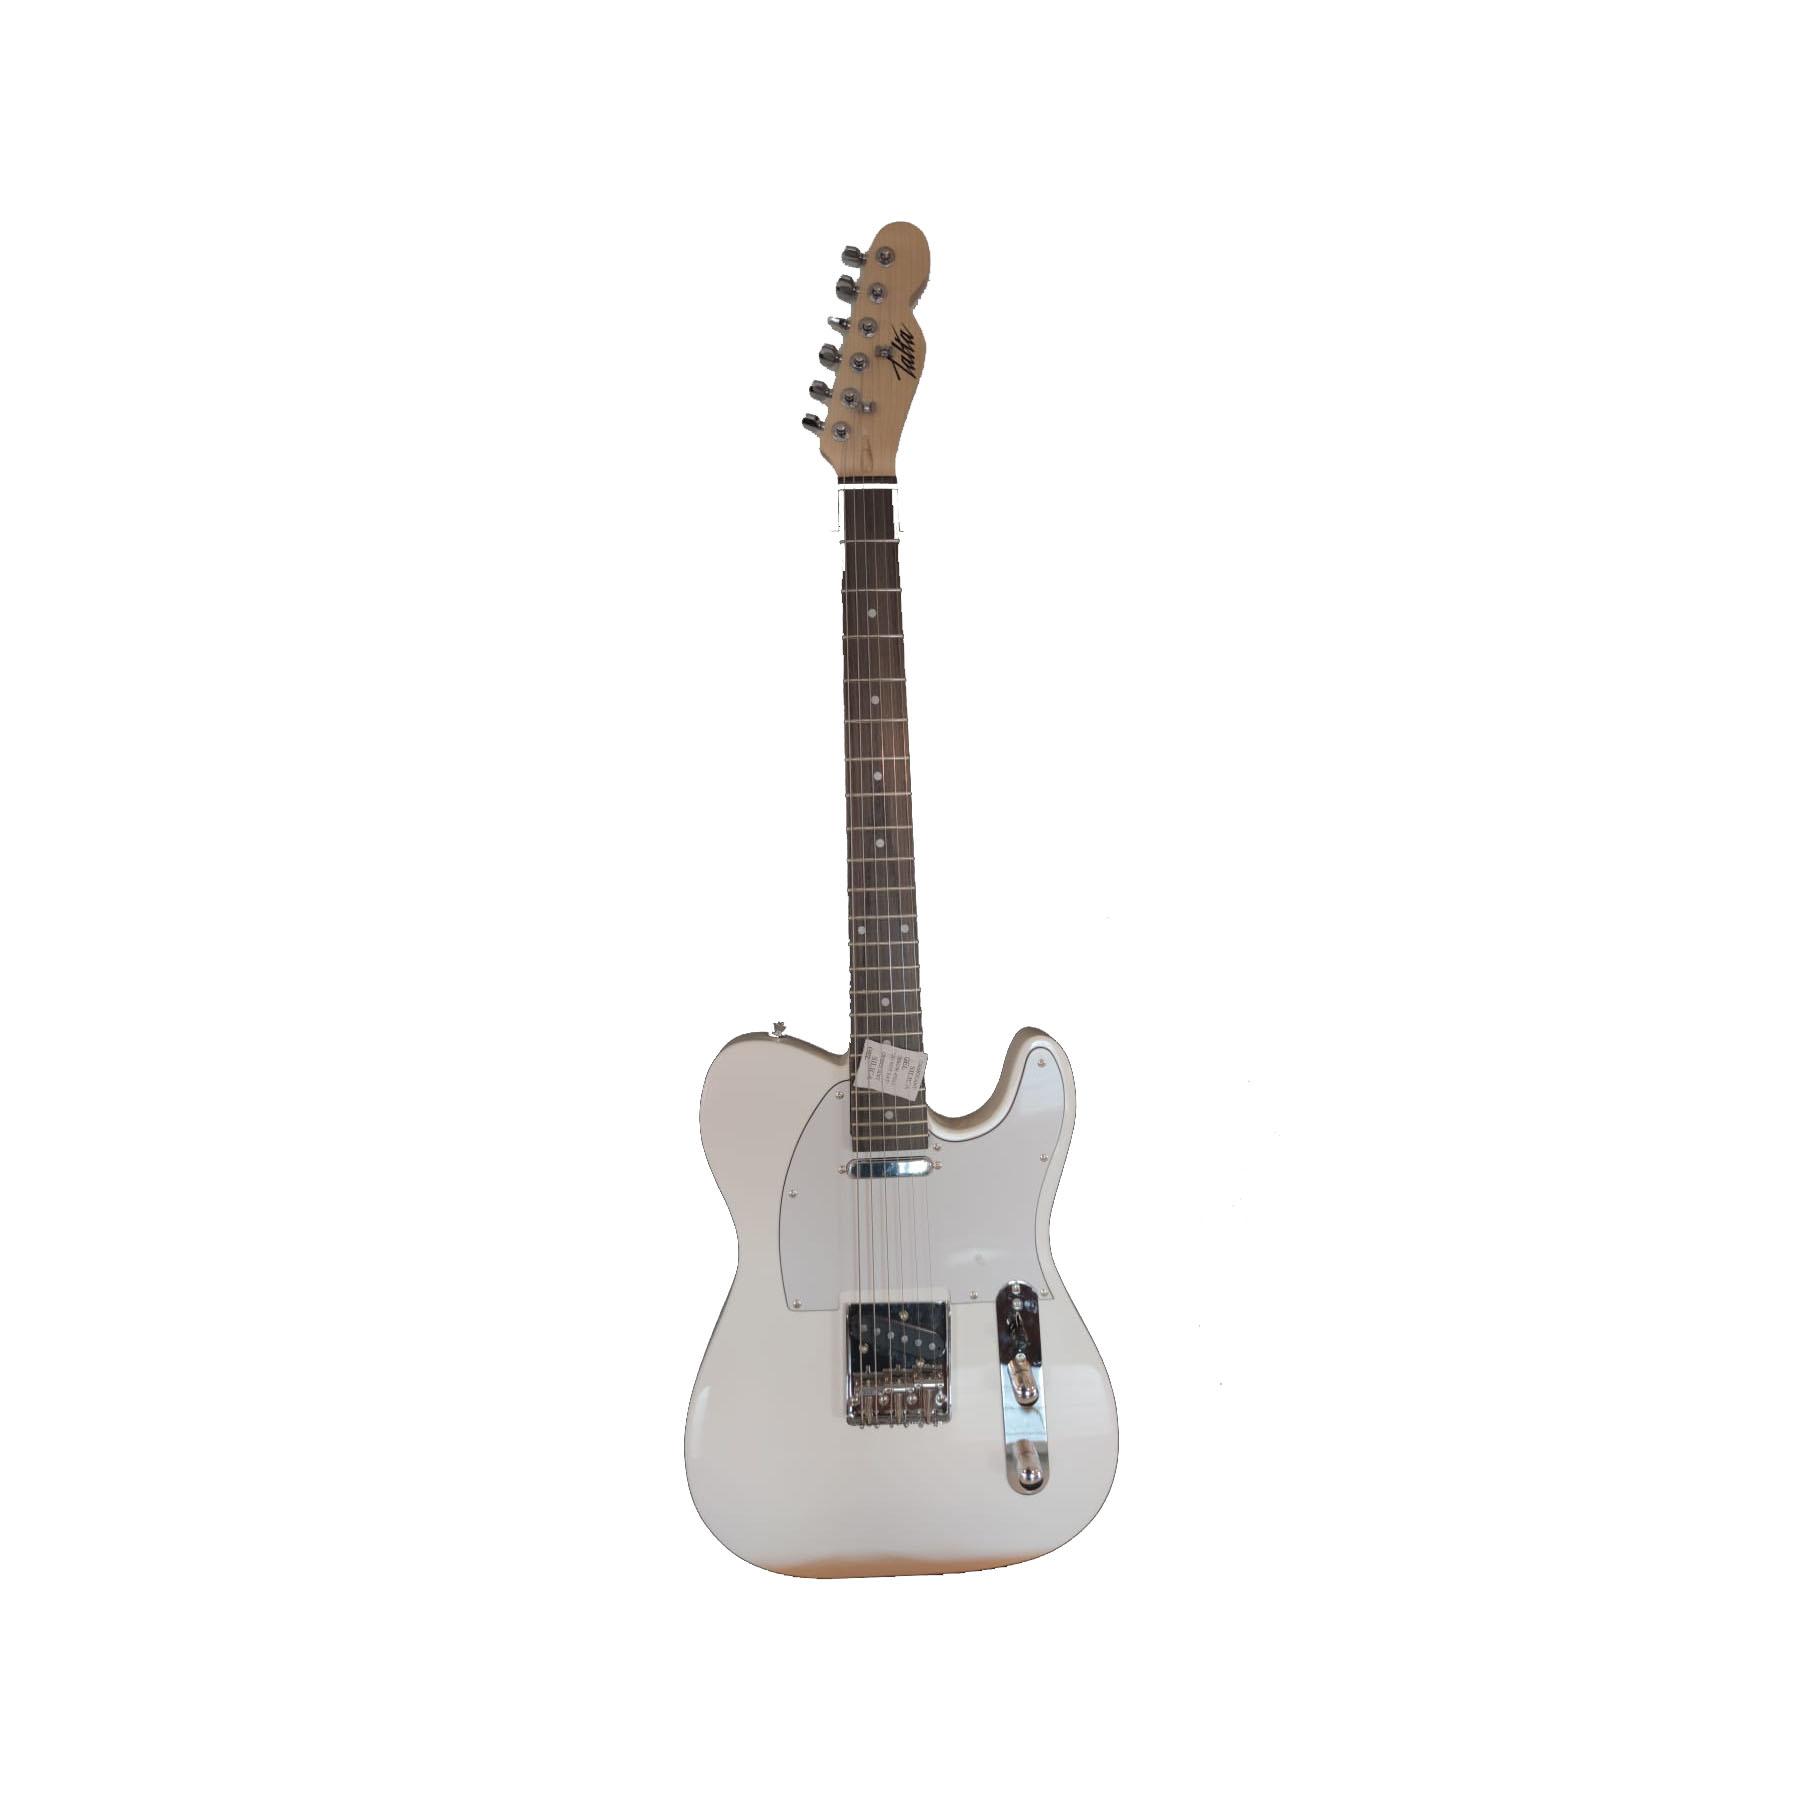 STL211 - Çift Humbucker Elektro Gitar (Beyaz)